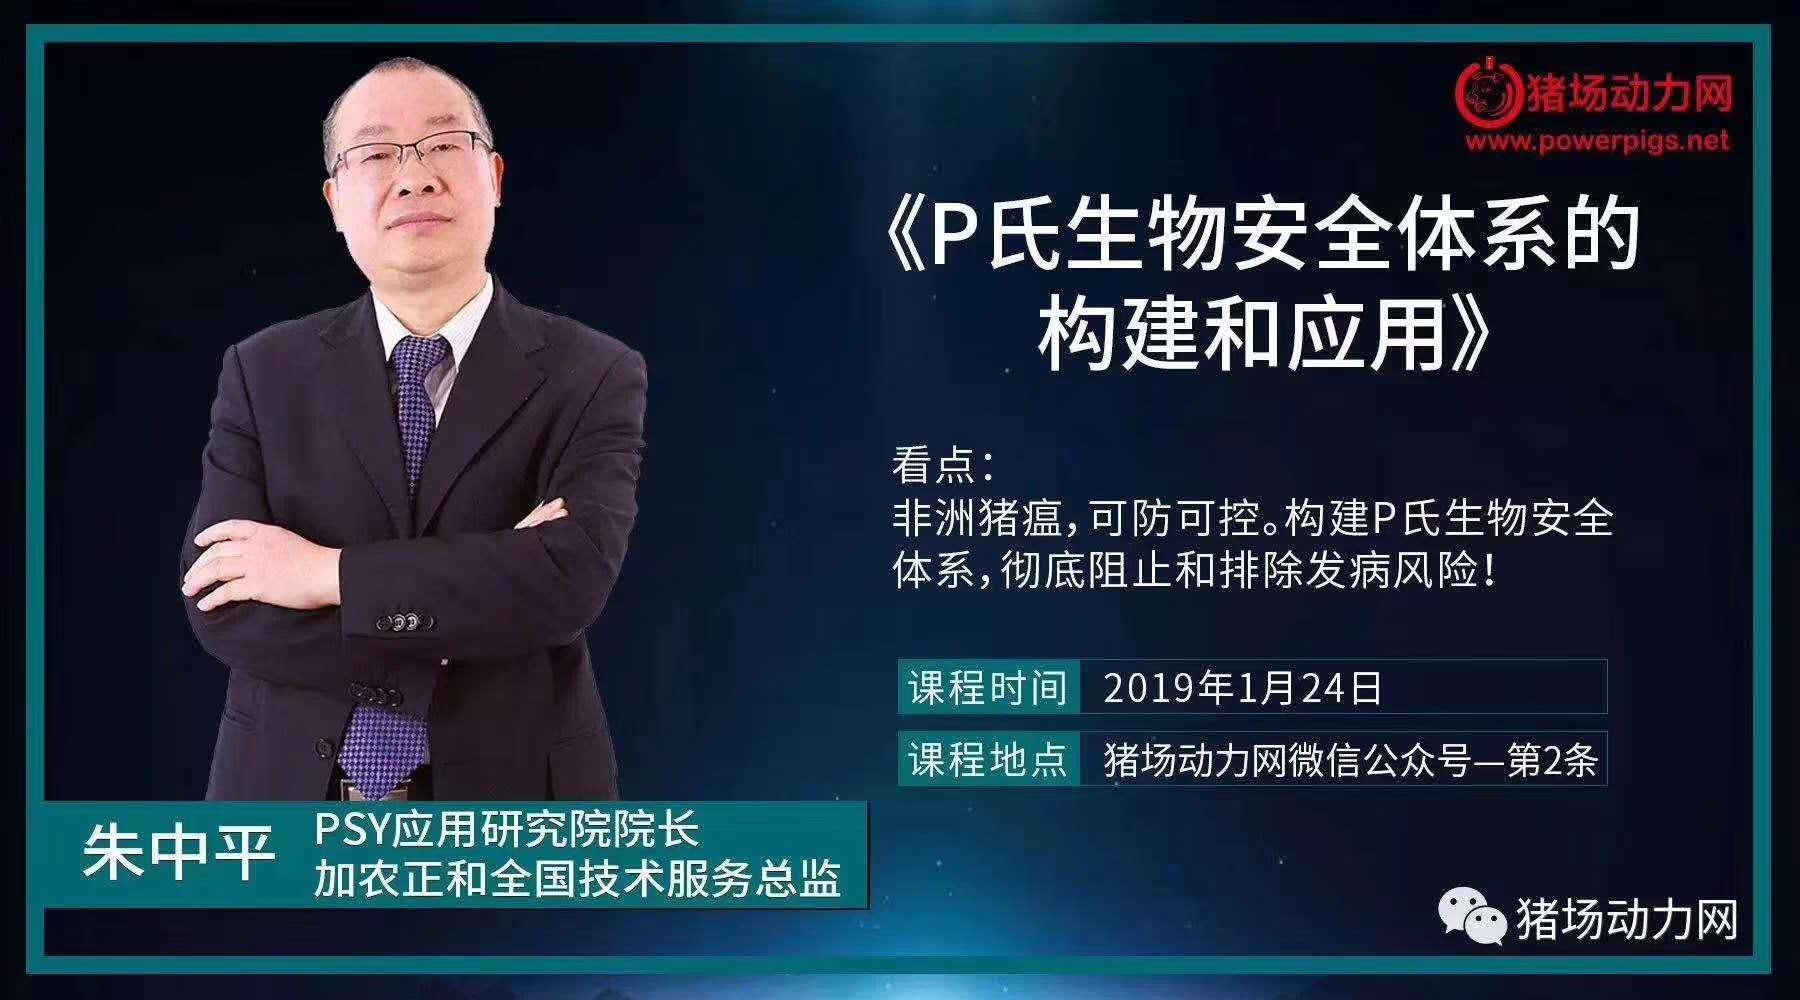 朱中平:P氏生物安全防控体系的构建与应用